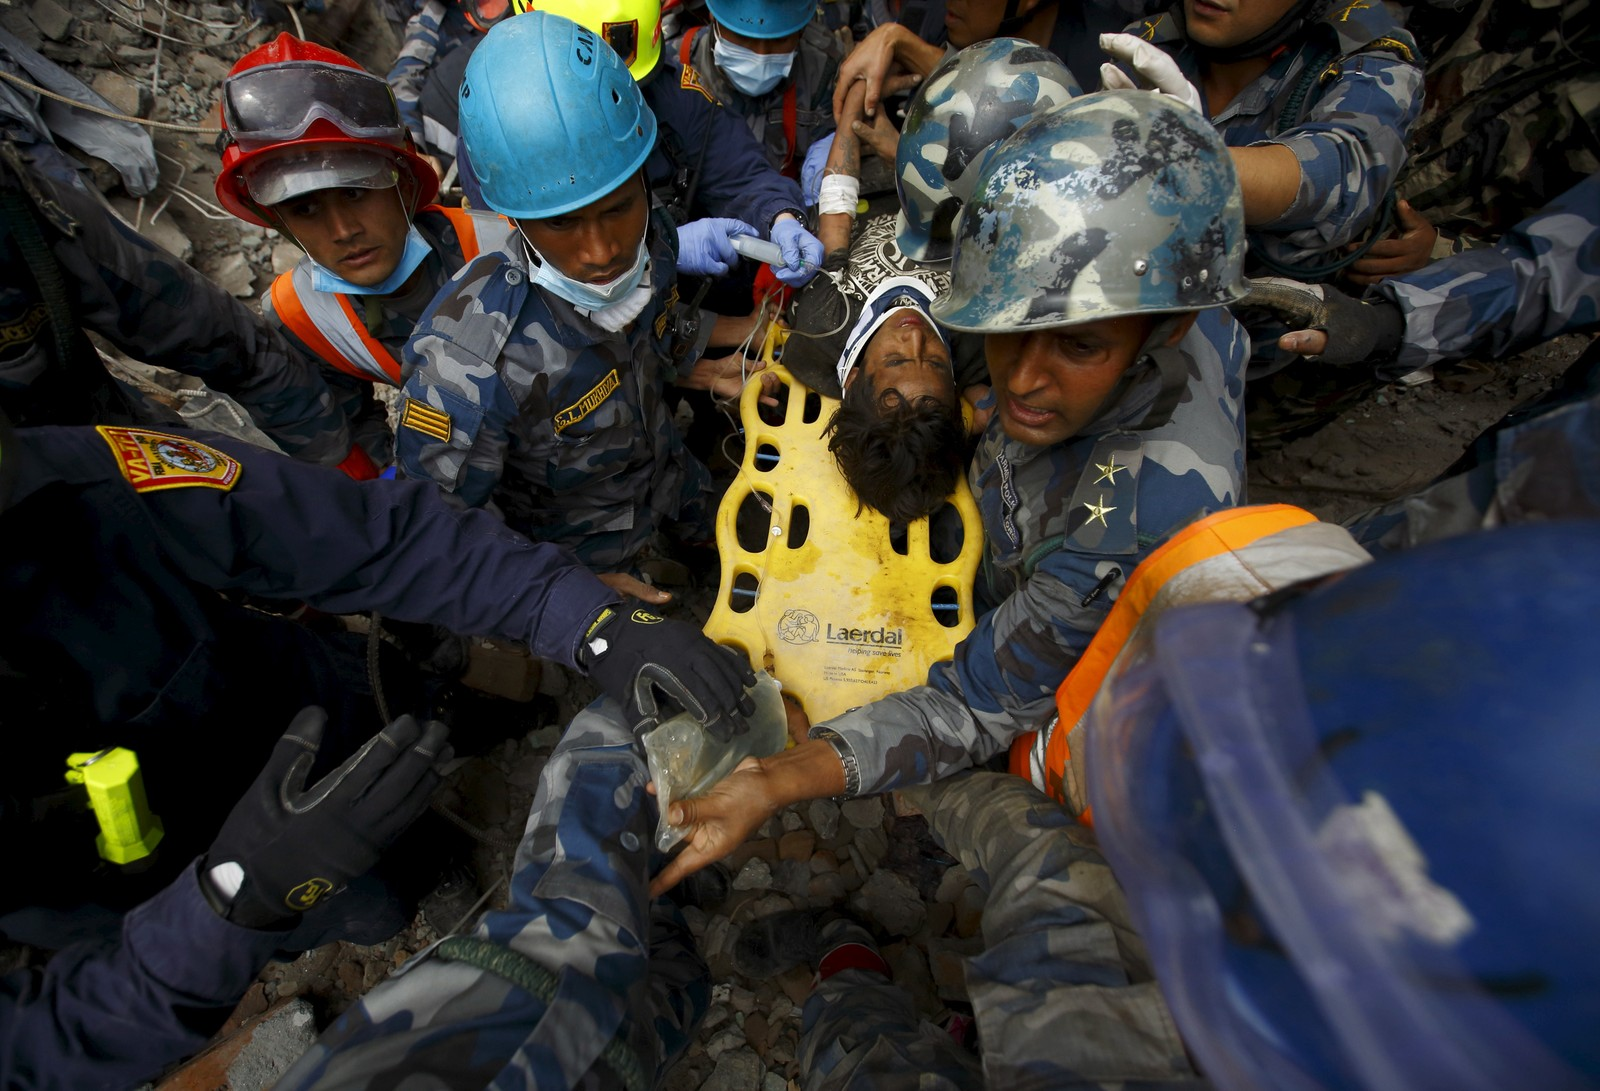 Pemba Tamang (15) overlevde fem dager sammenklemt mellom to etasjer i en blokk i Katmandu, Nepal.